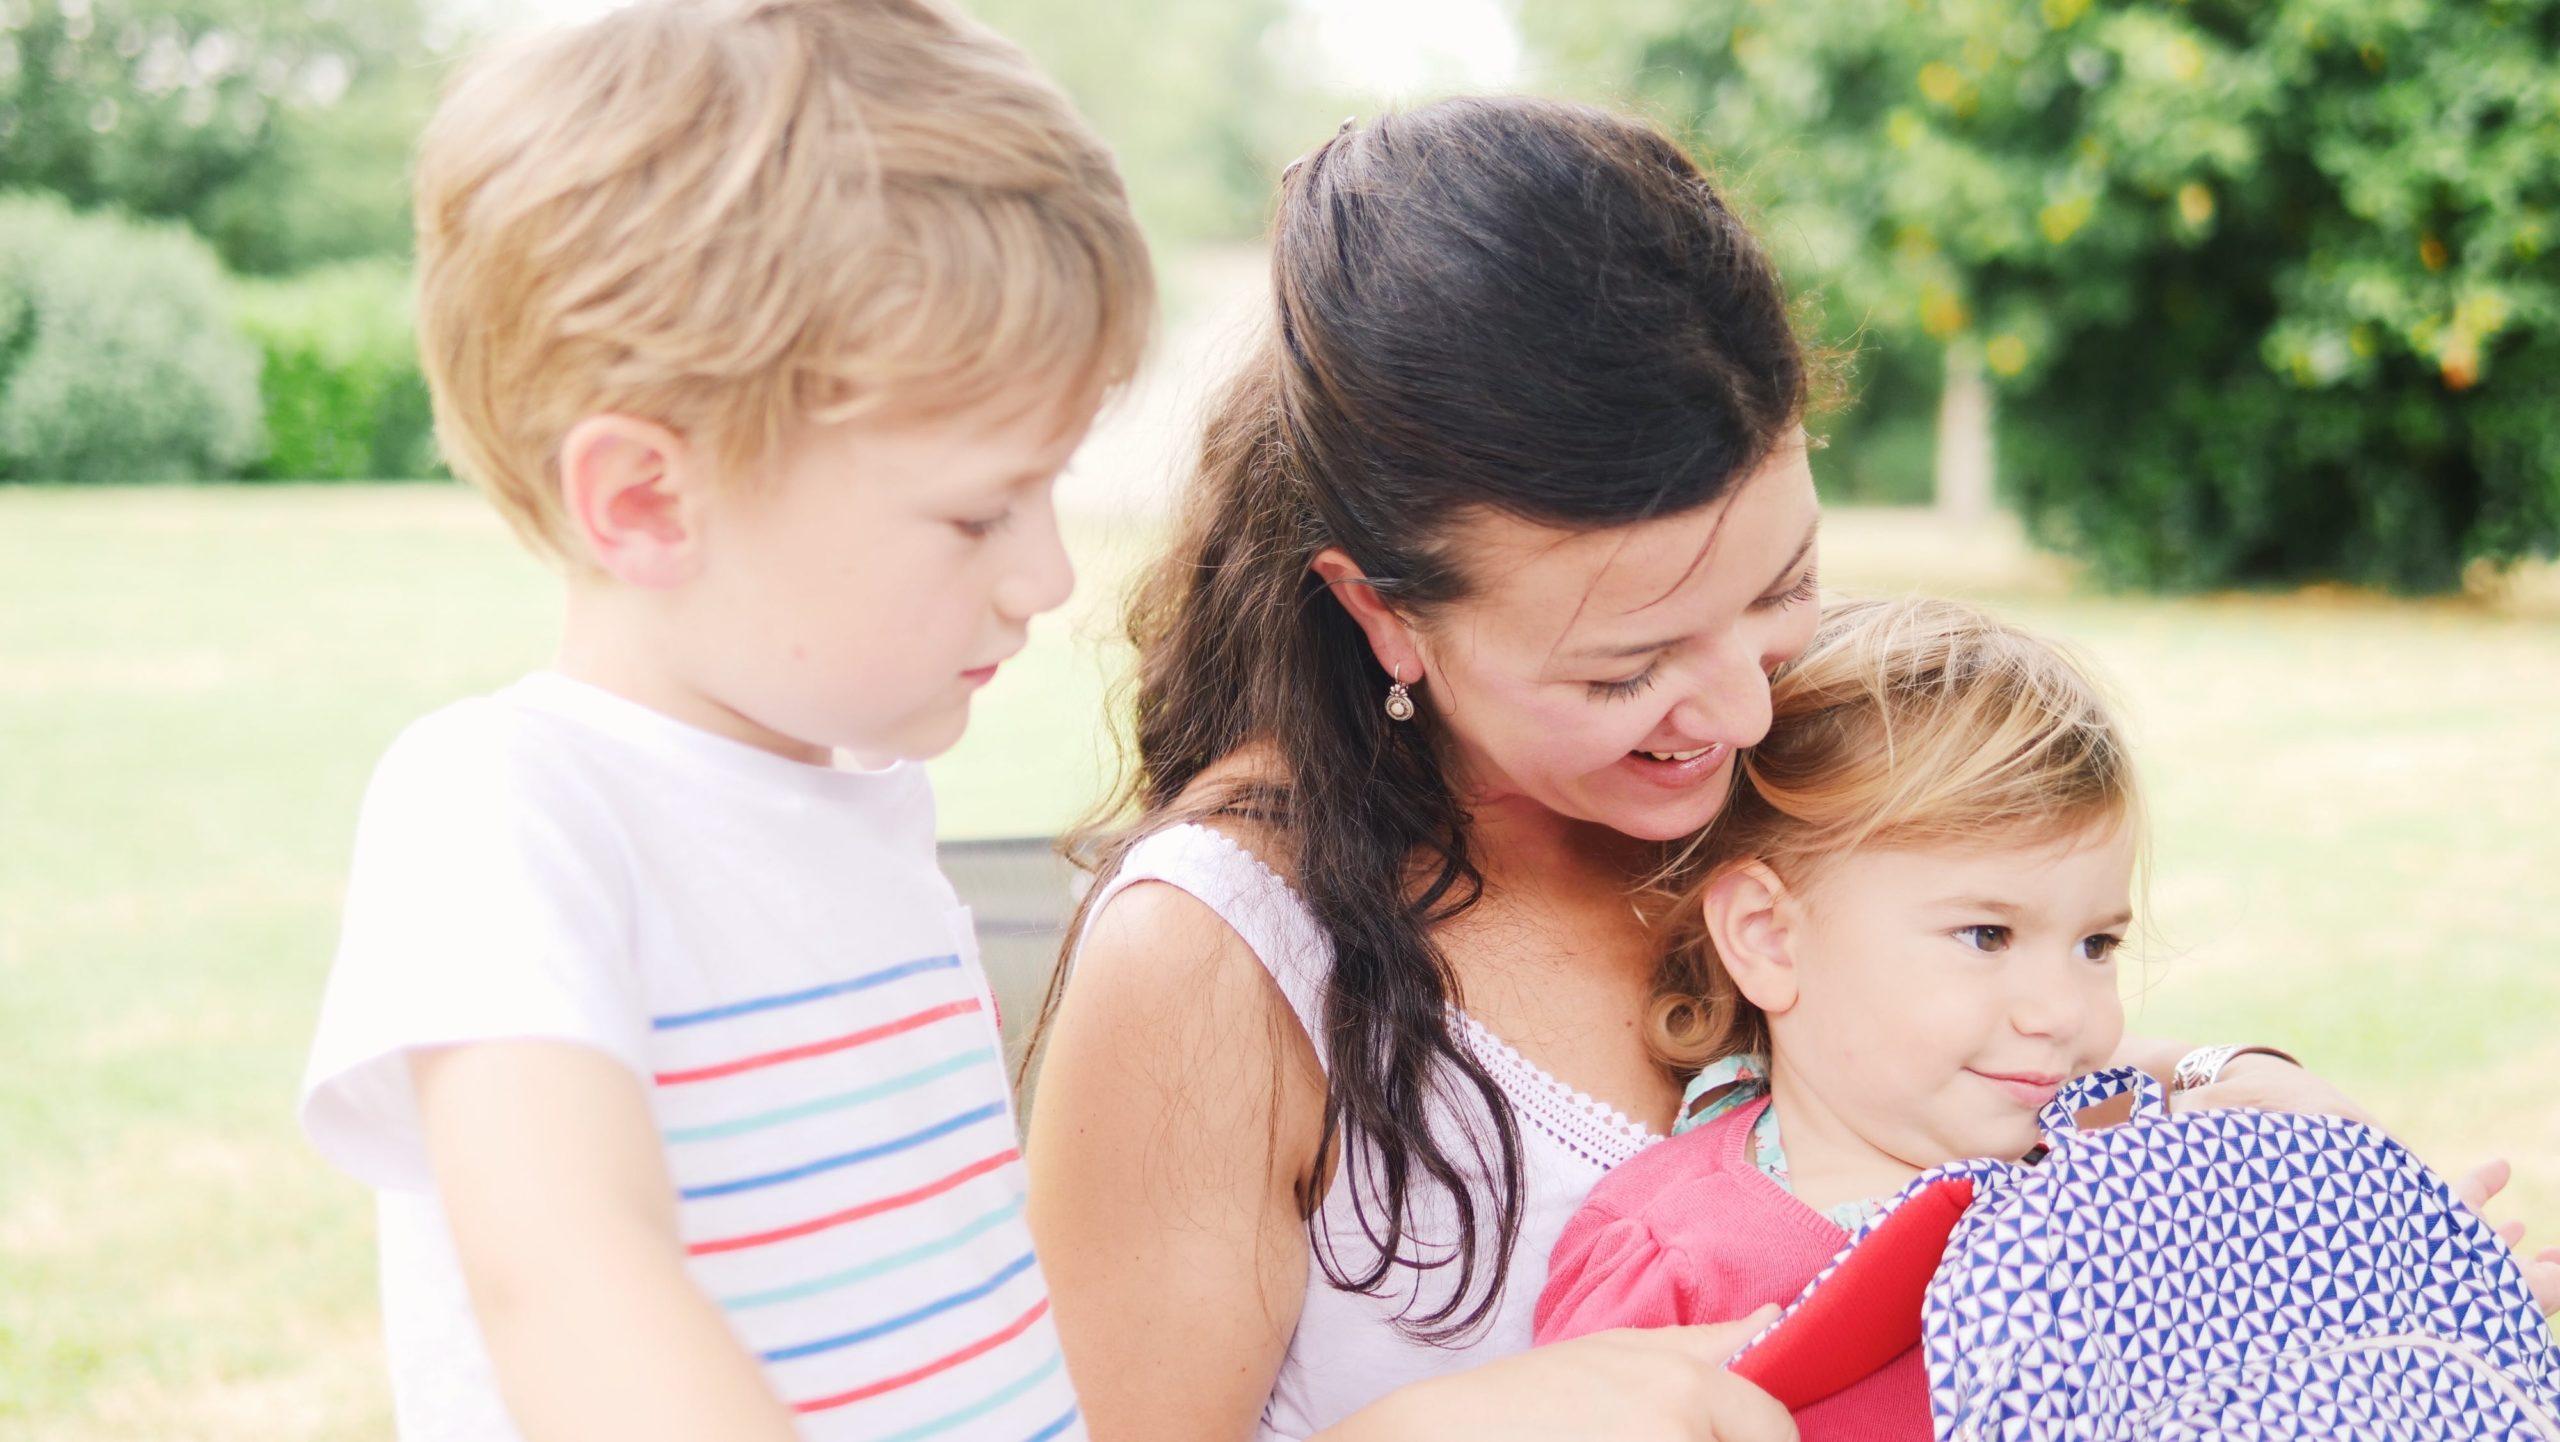 Famille Monoparentale : 8 conseils pour gagner en sérénité et s'organiser